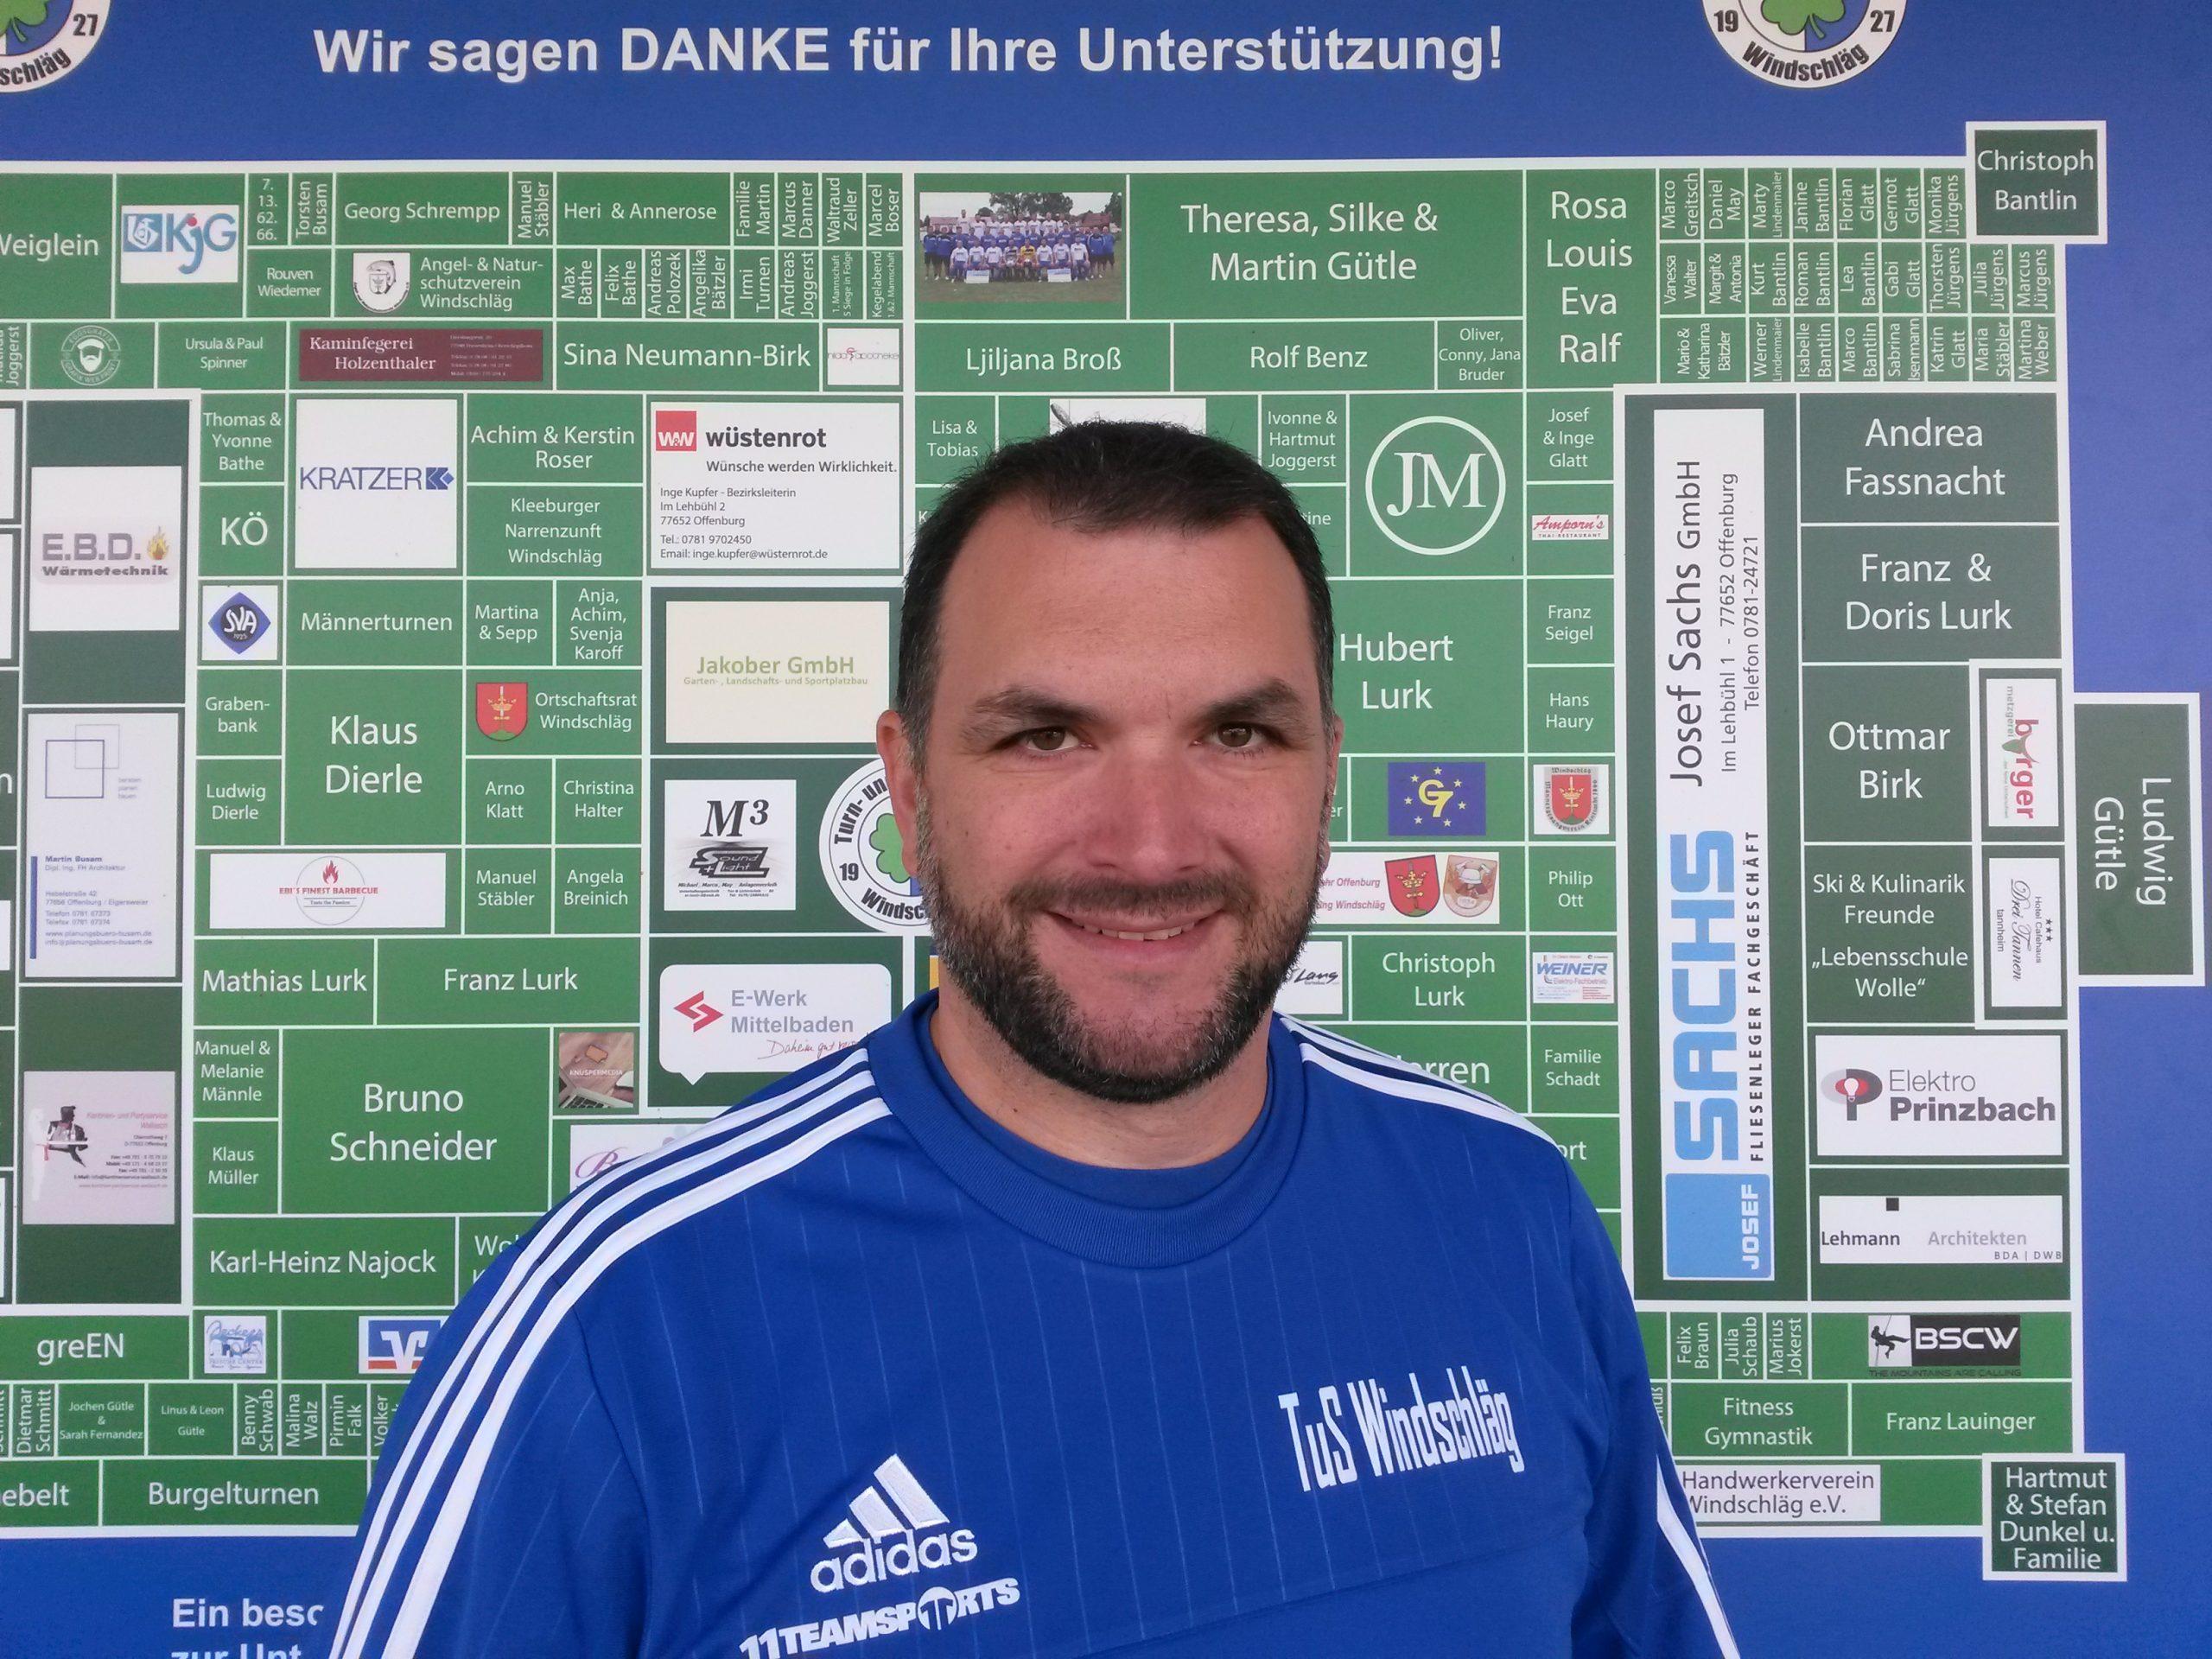 Volker Lurk | Vorstandsvorsitzender